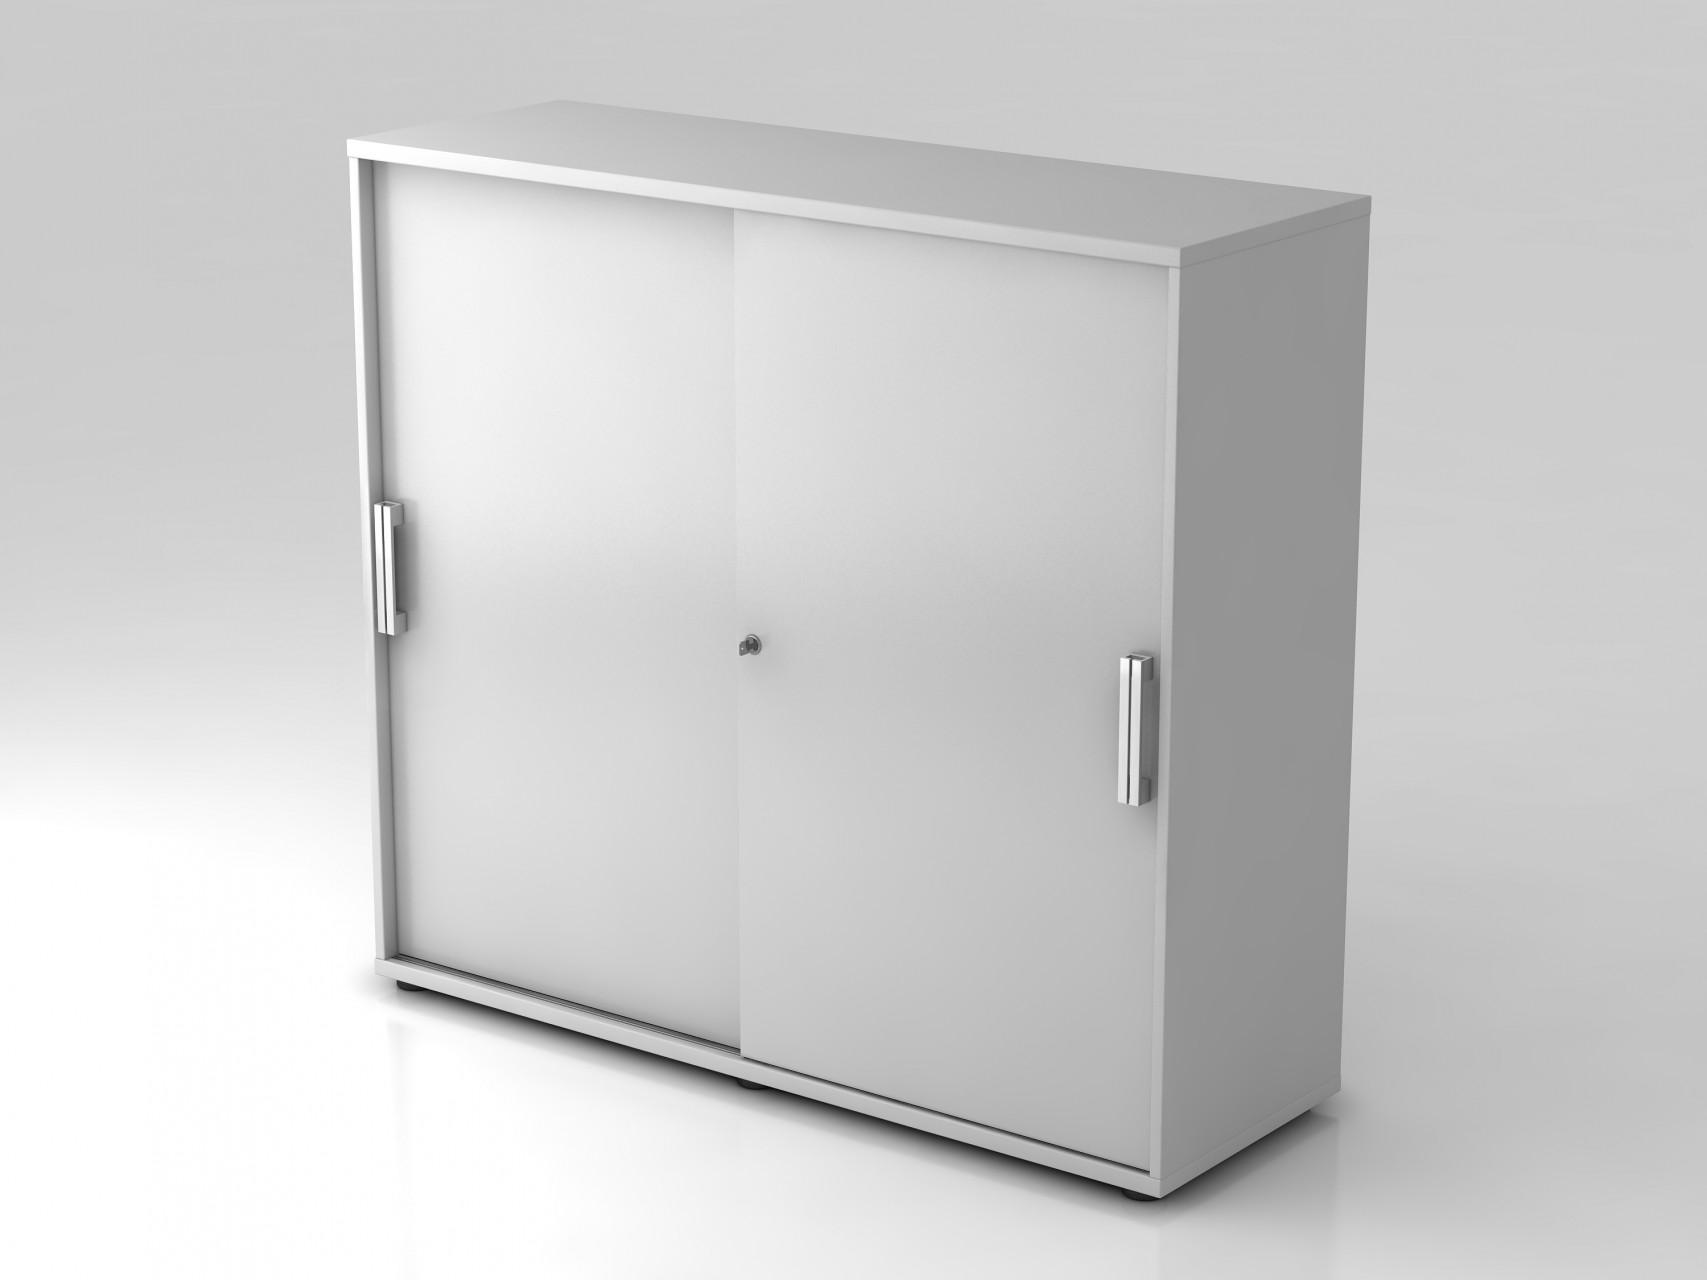 Armoire designe armoire porte coulissante profondeur 40 - Bureau 40 cm profondeur ...